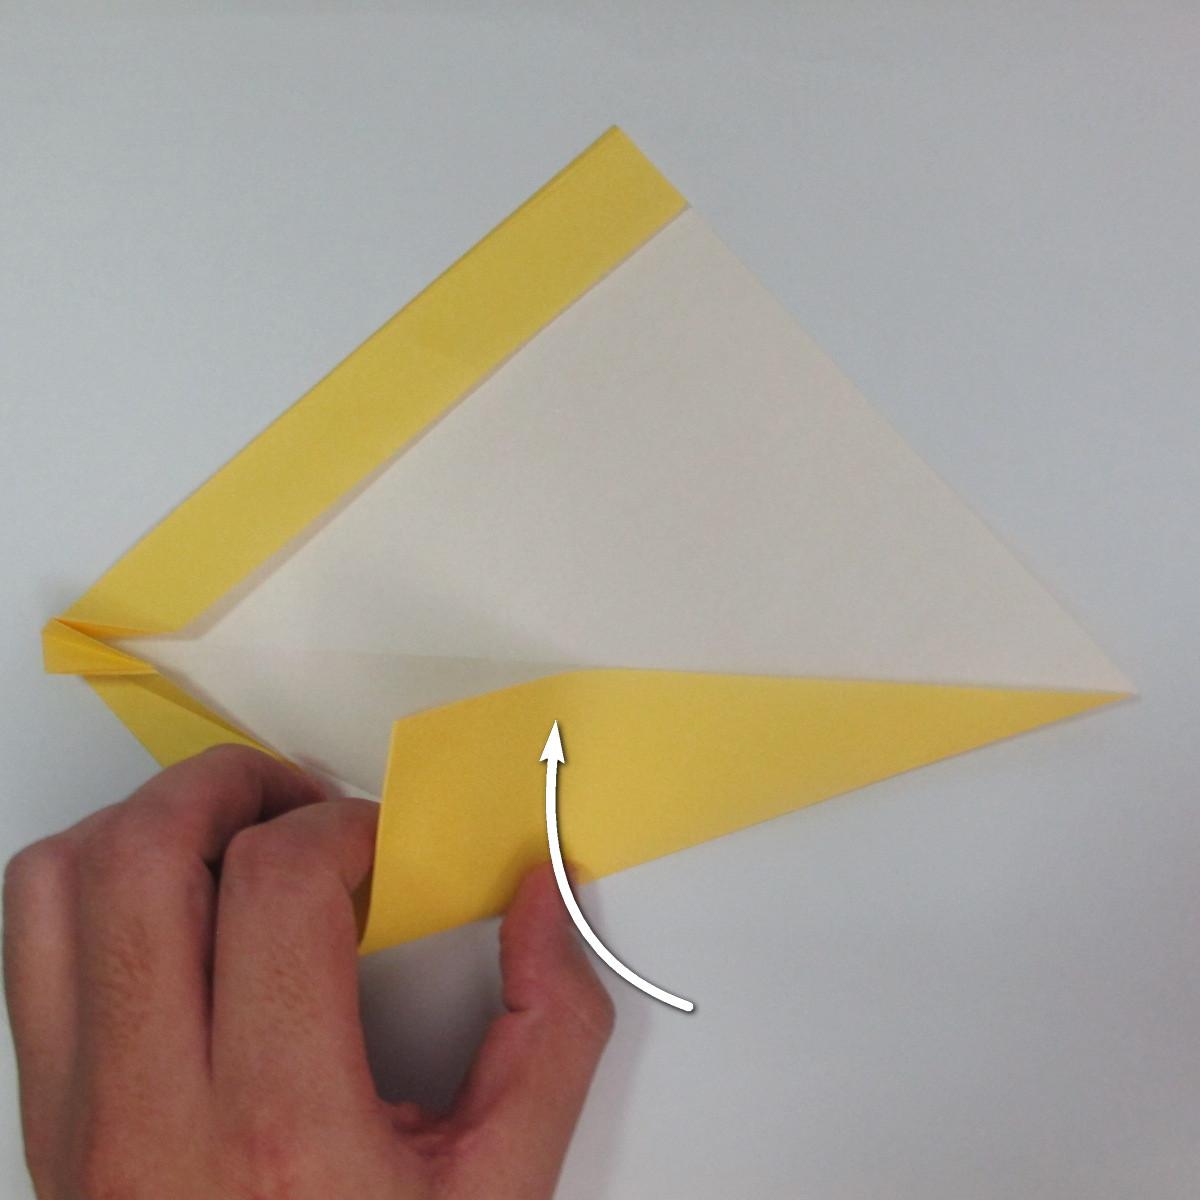 สอนวิธีพับกระดาษเป็นรูปลูกสุนัขยืนสองขา แบบของพอล ฟราสโก้ (Down Boy Dog Origami) 026